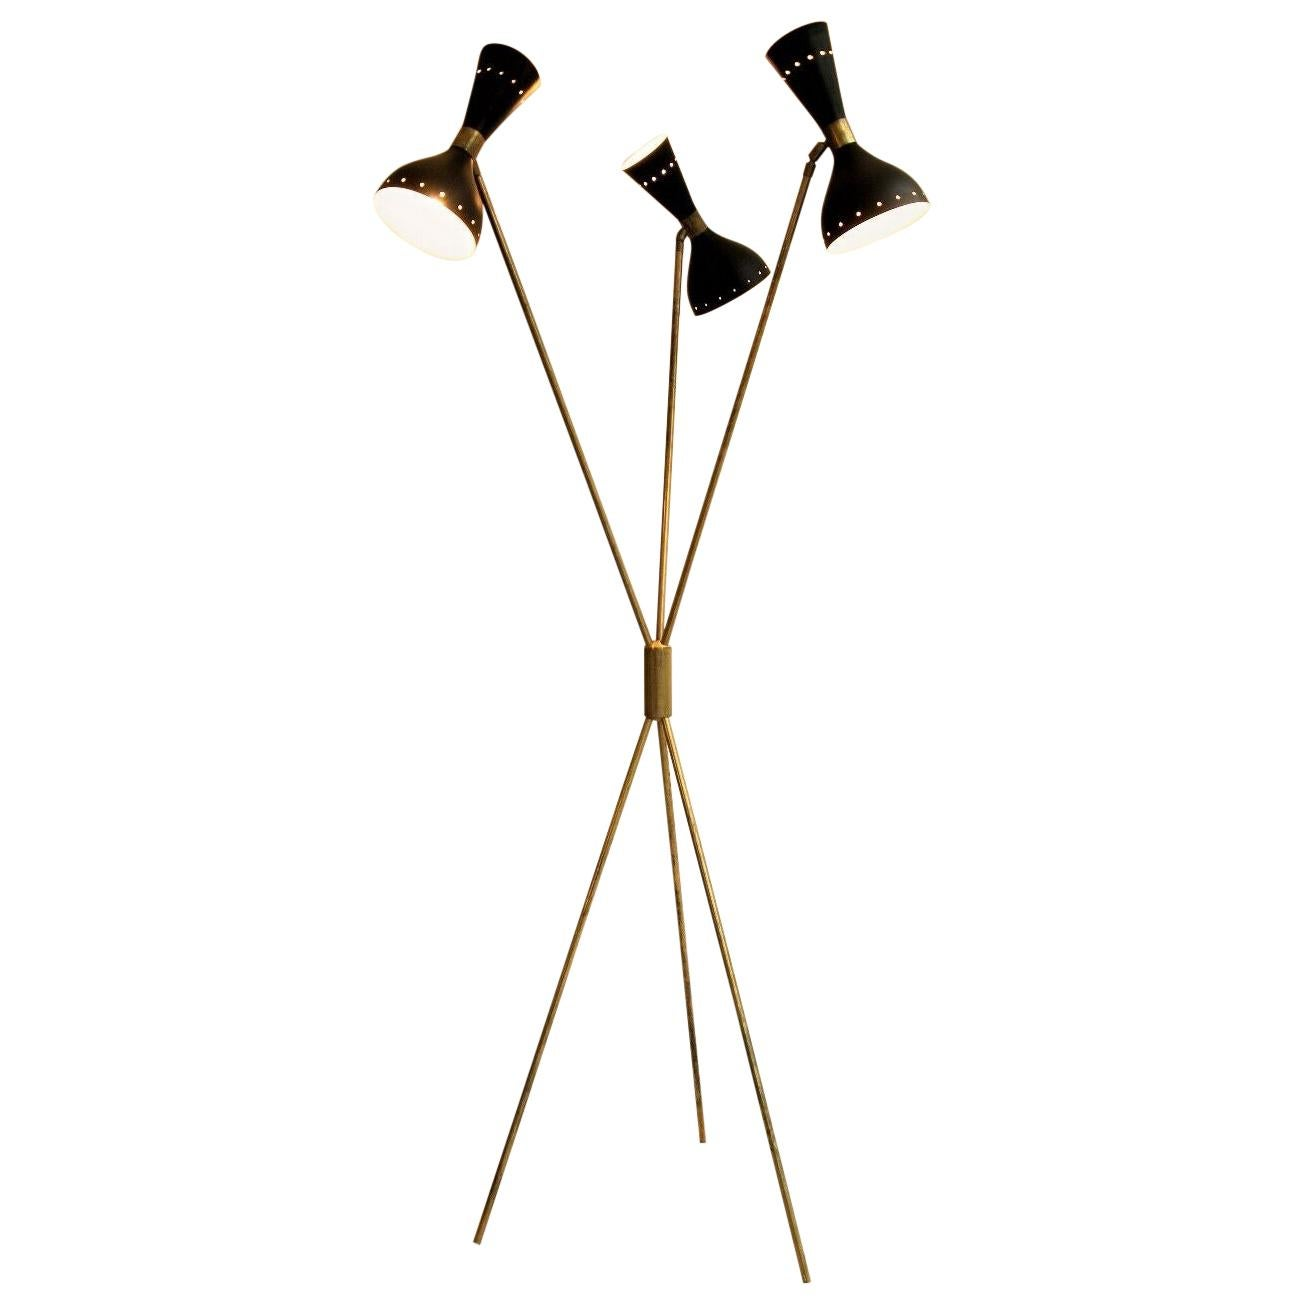 Italian Stilnovo Floor Lamp Brass Mid-Century Modern